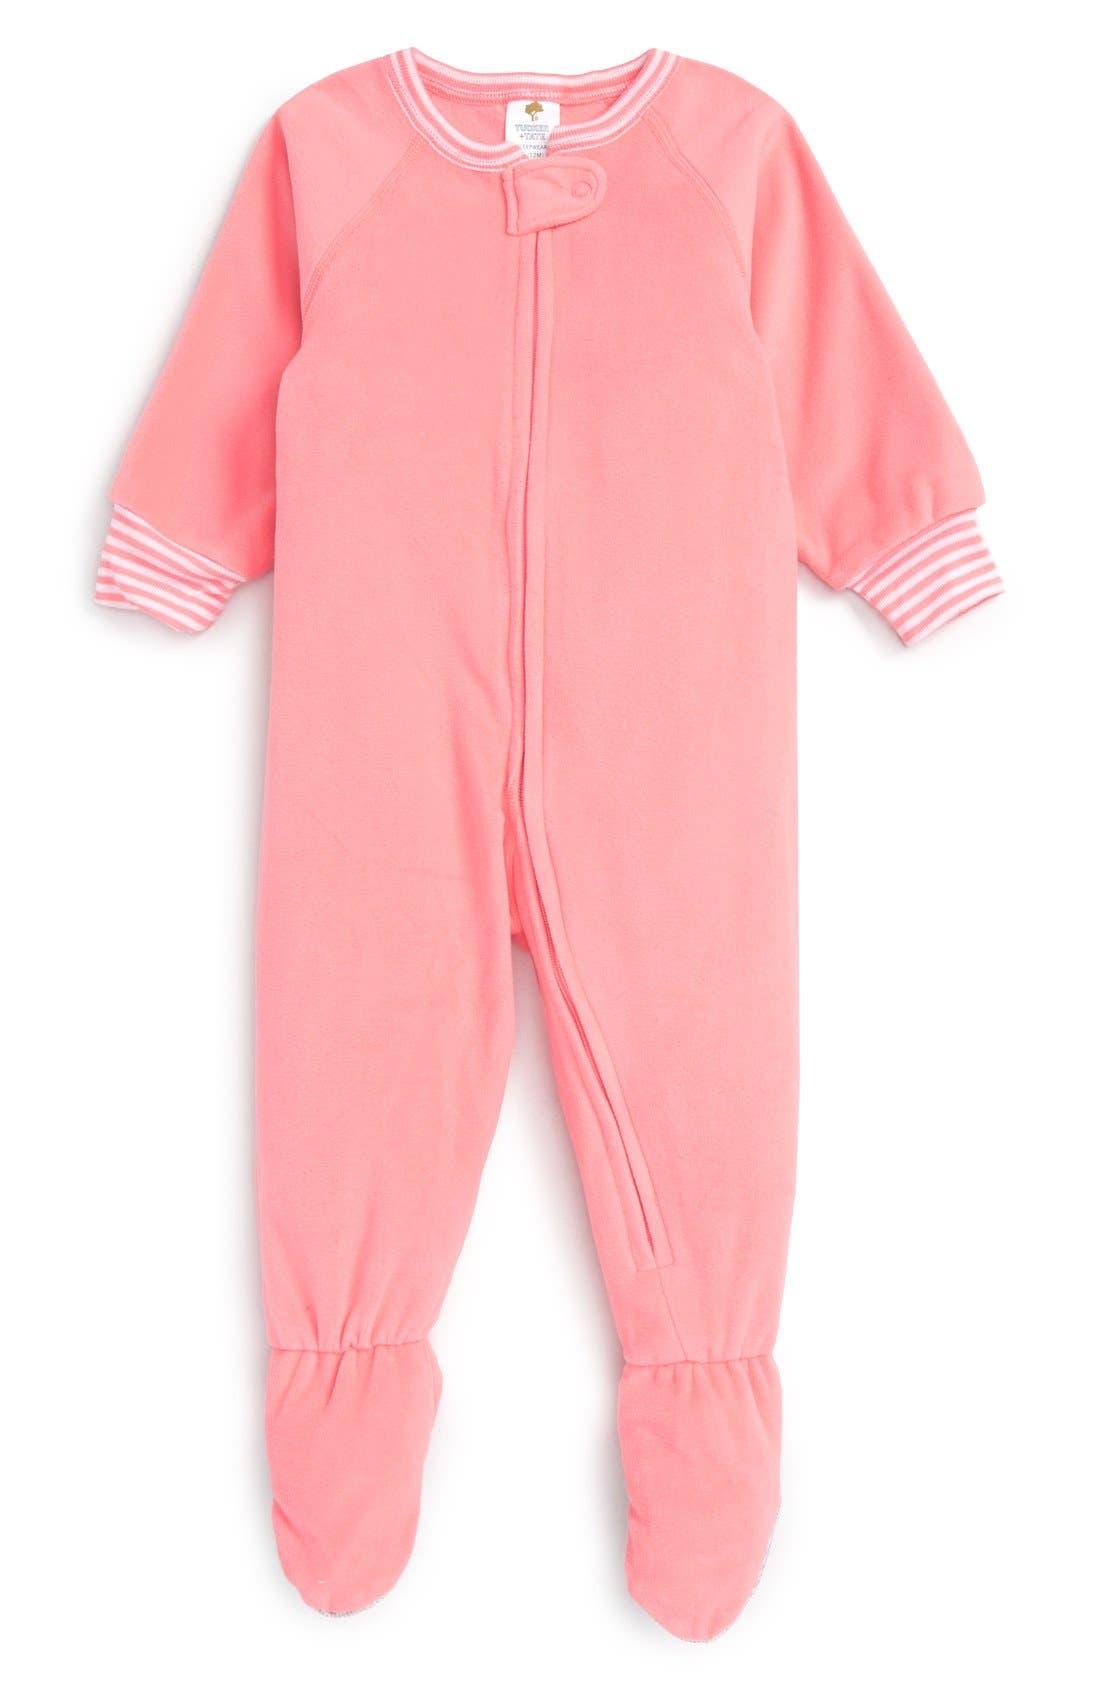 Alternate Image 1 Selected - Tucker + Tate One-Piece Pajamas (Baby Girls)